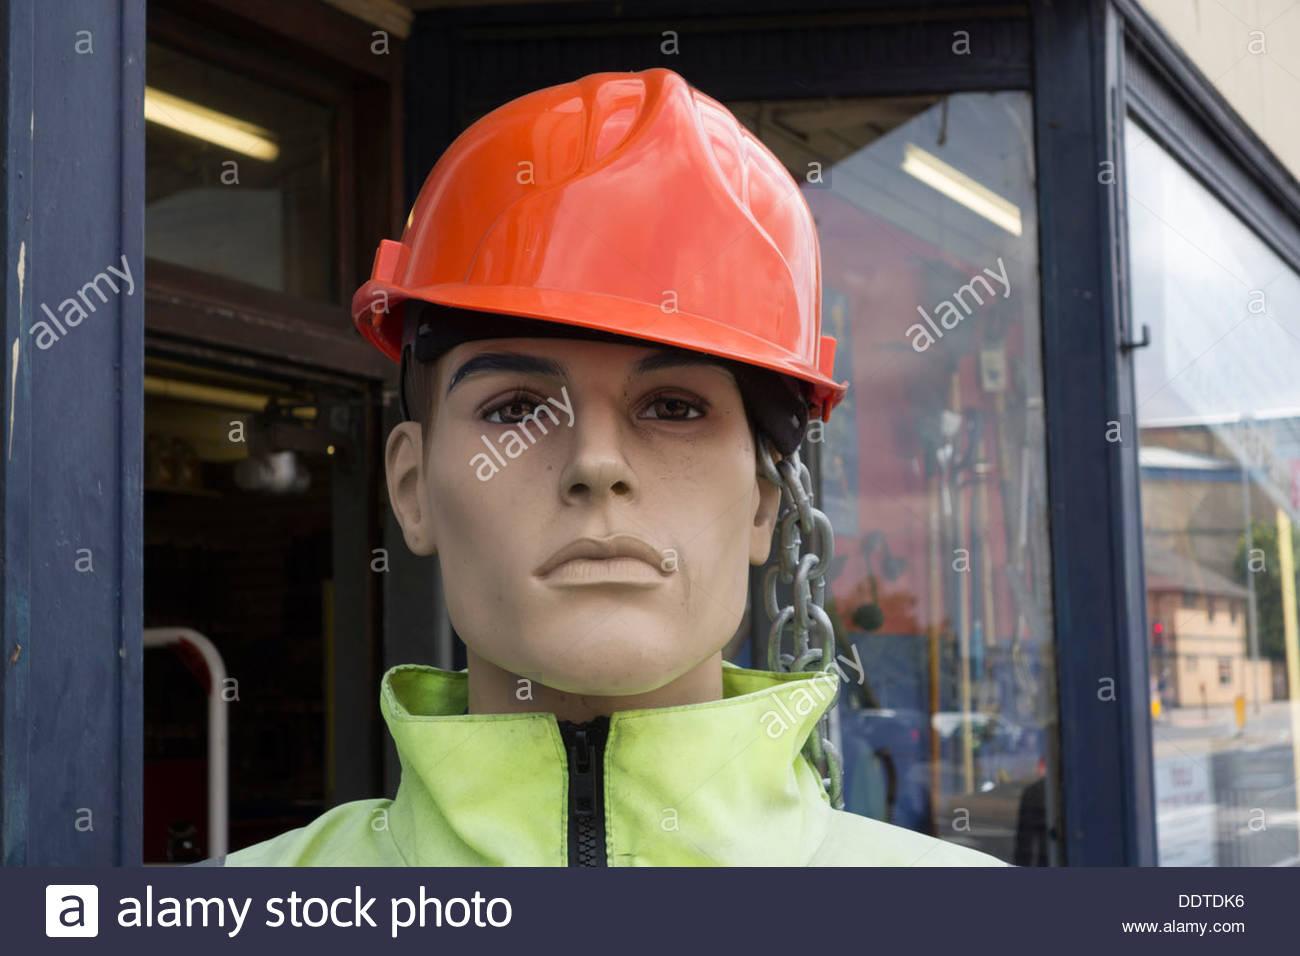 Modello incatenato al di fuori di un utensile di mercanti, vestito di un casco di sicurezza e una elevata visibilità camicia Immagini Stock